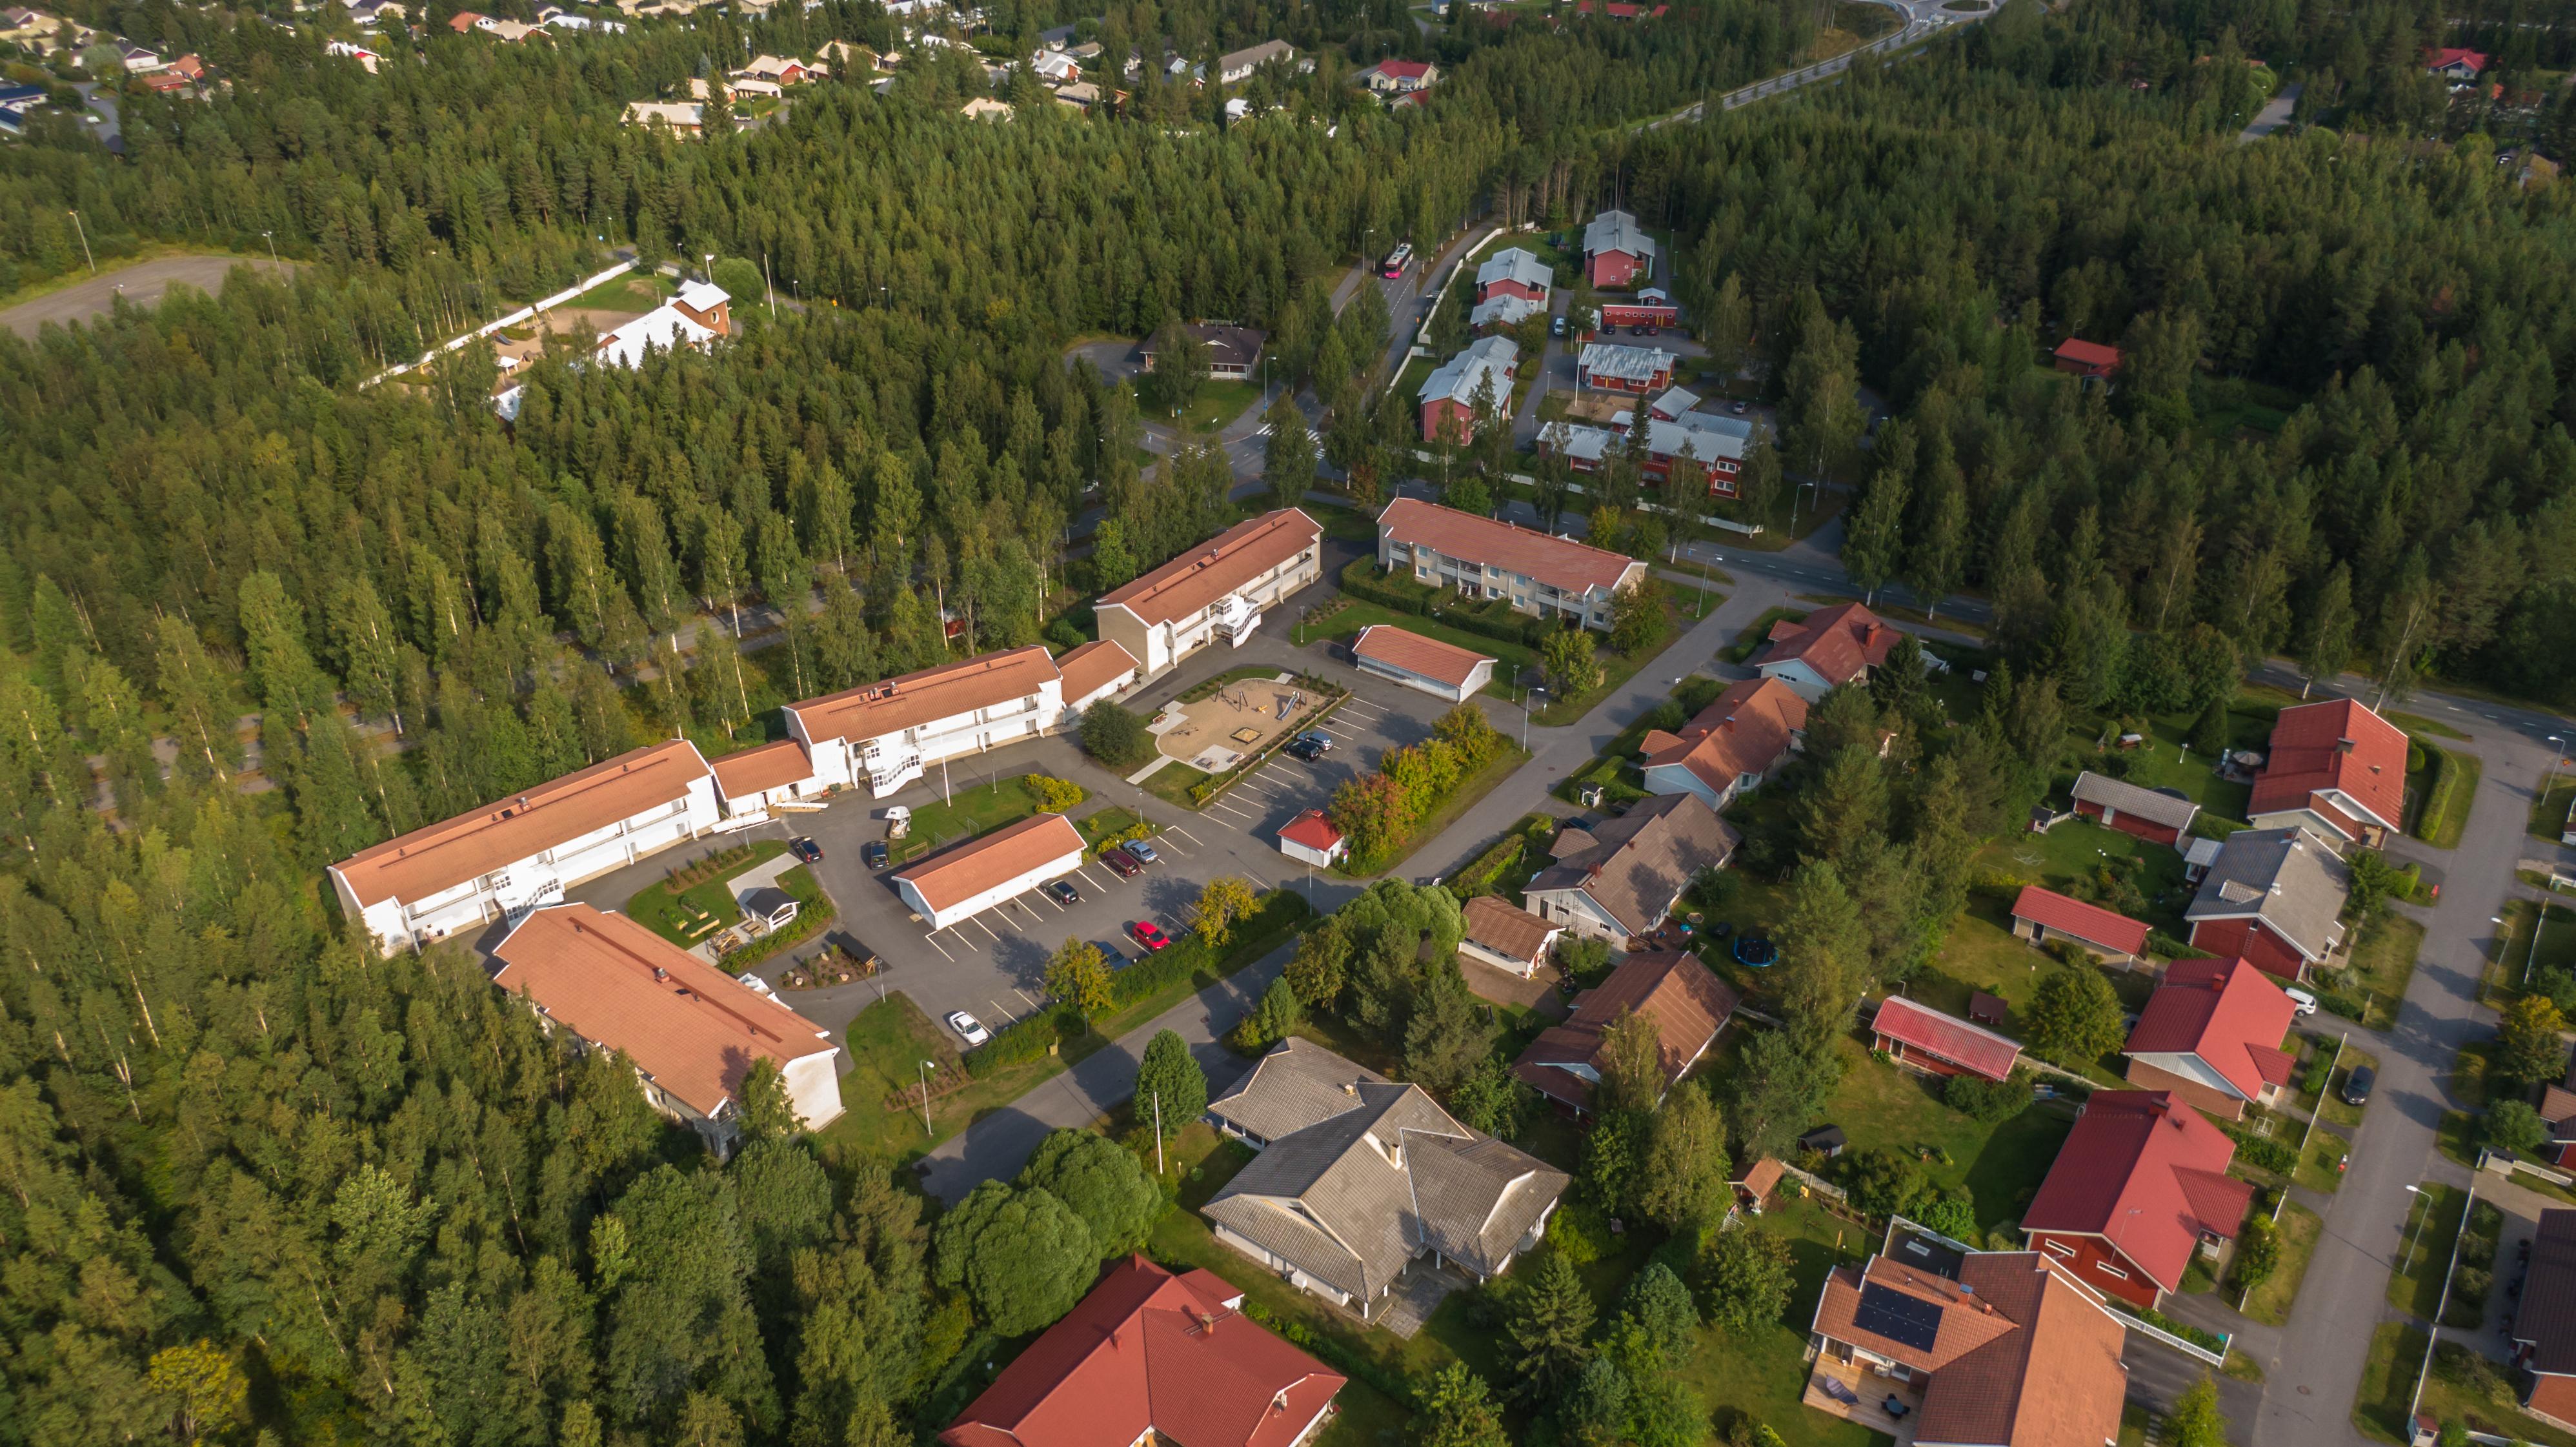 Vajaan 100 metrin korkeudelta otettu ilmakuva Oulun Iinatista. Metsän ympäröimää asuinaluetta, jossa punakattoisia taloja.